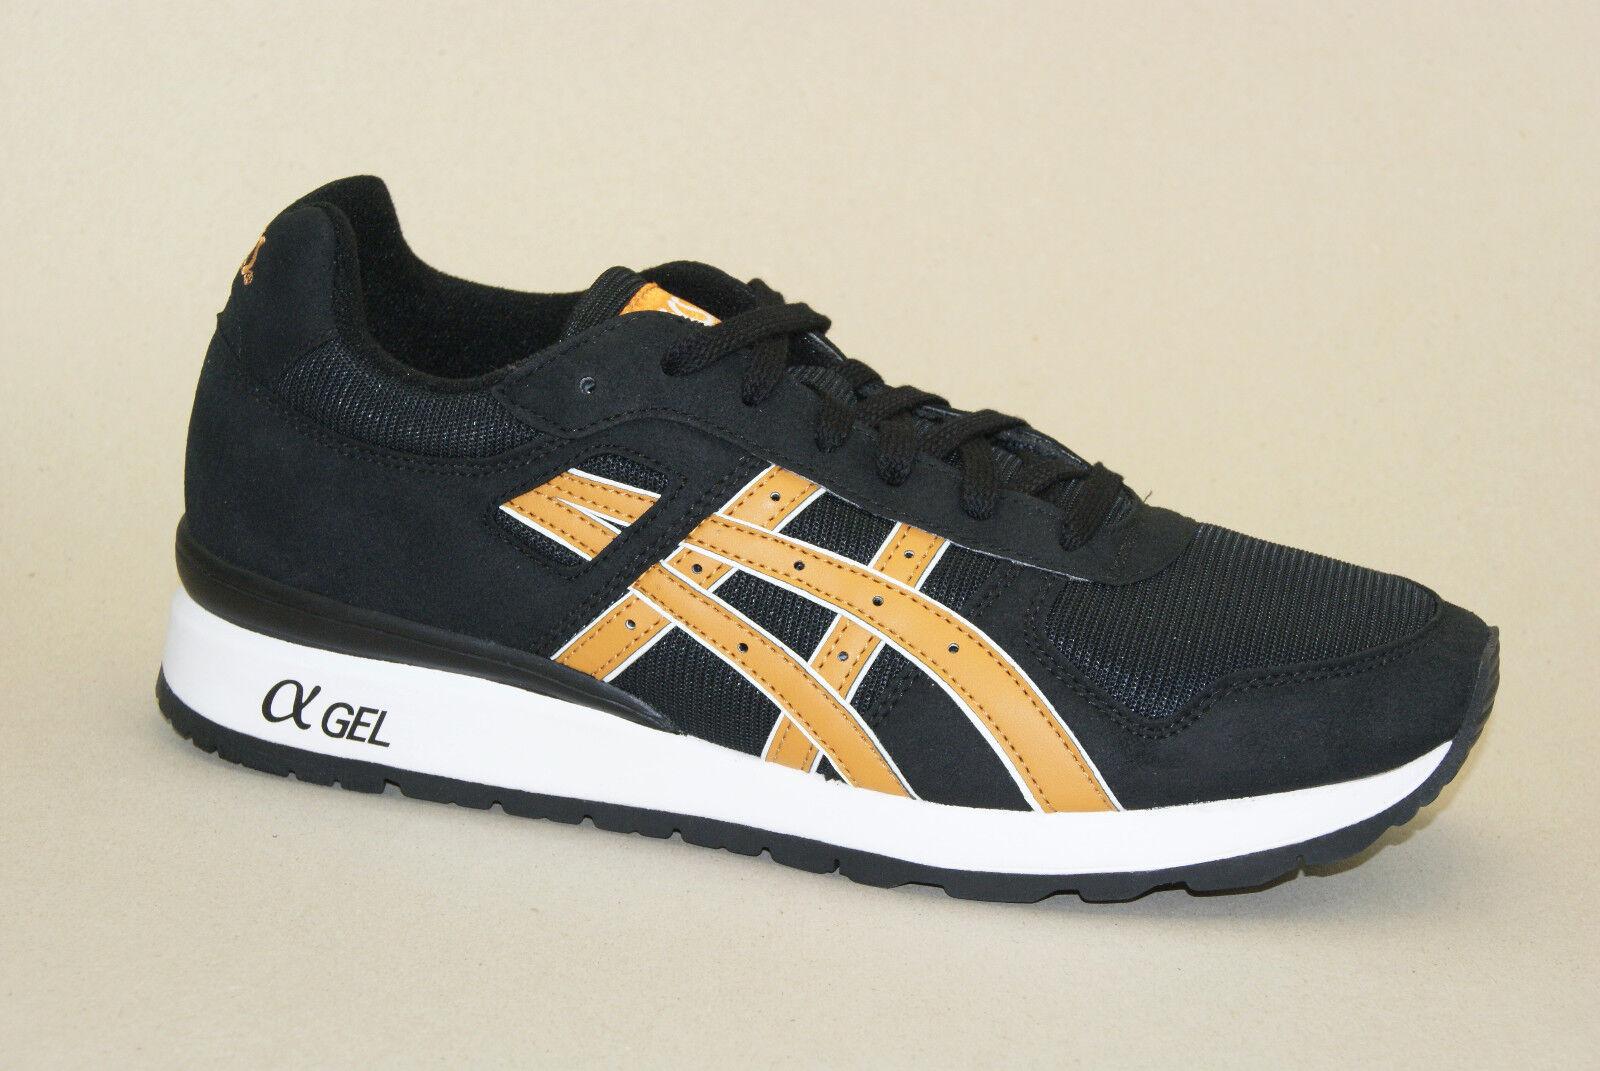 Asics Gel Gt-Ii Trainers Sport shoes Outdoor Outdoor Outdoor Sneakers Men's Hn416-9071 1edad5